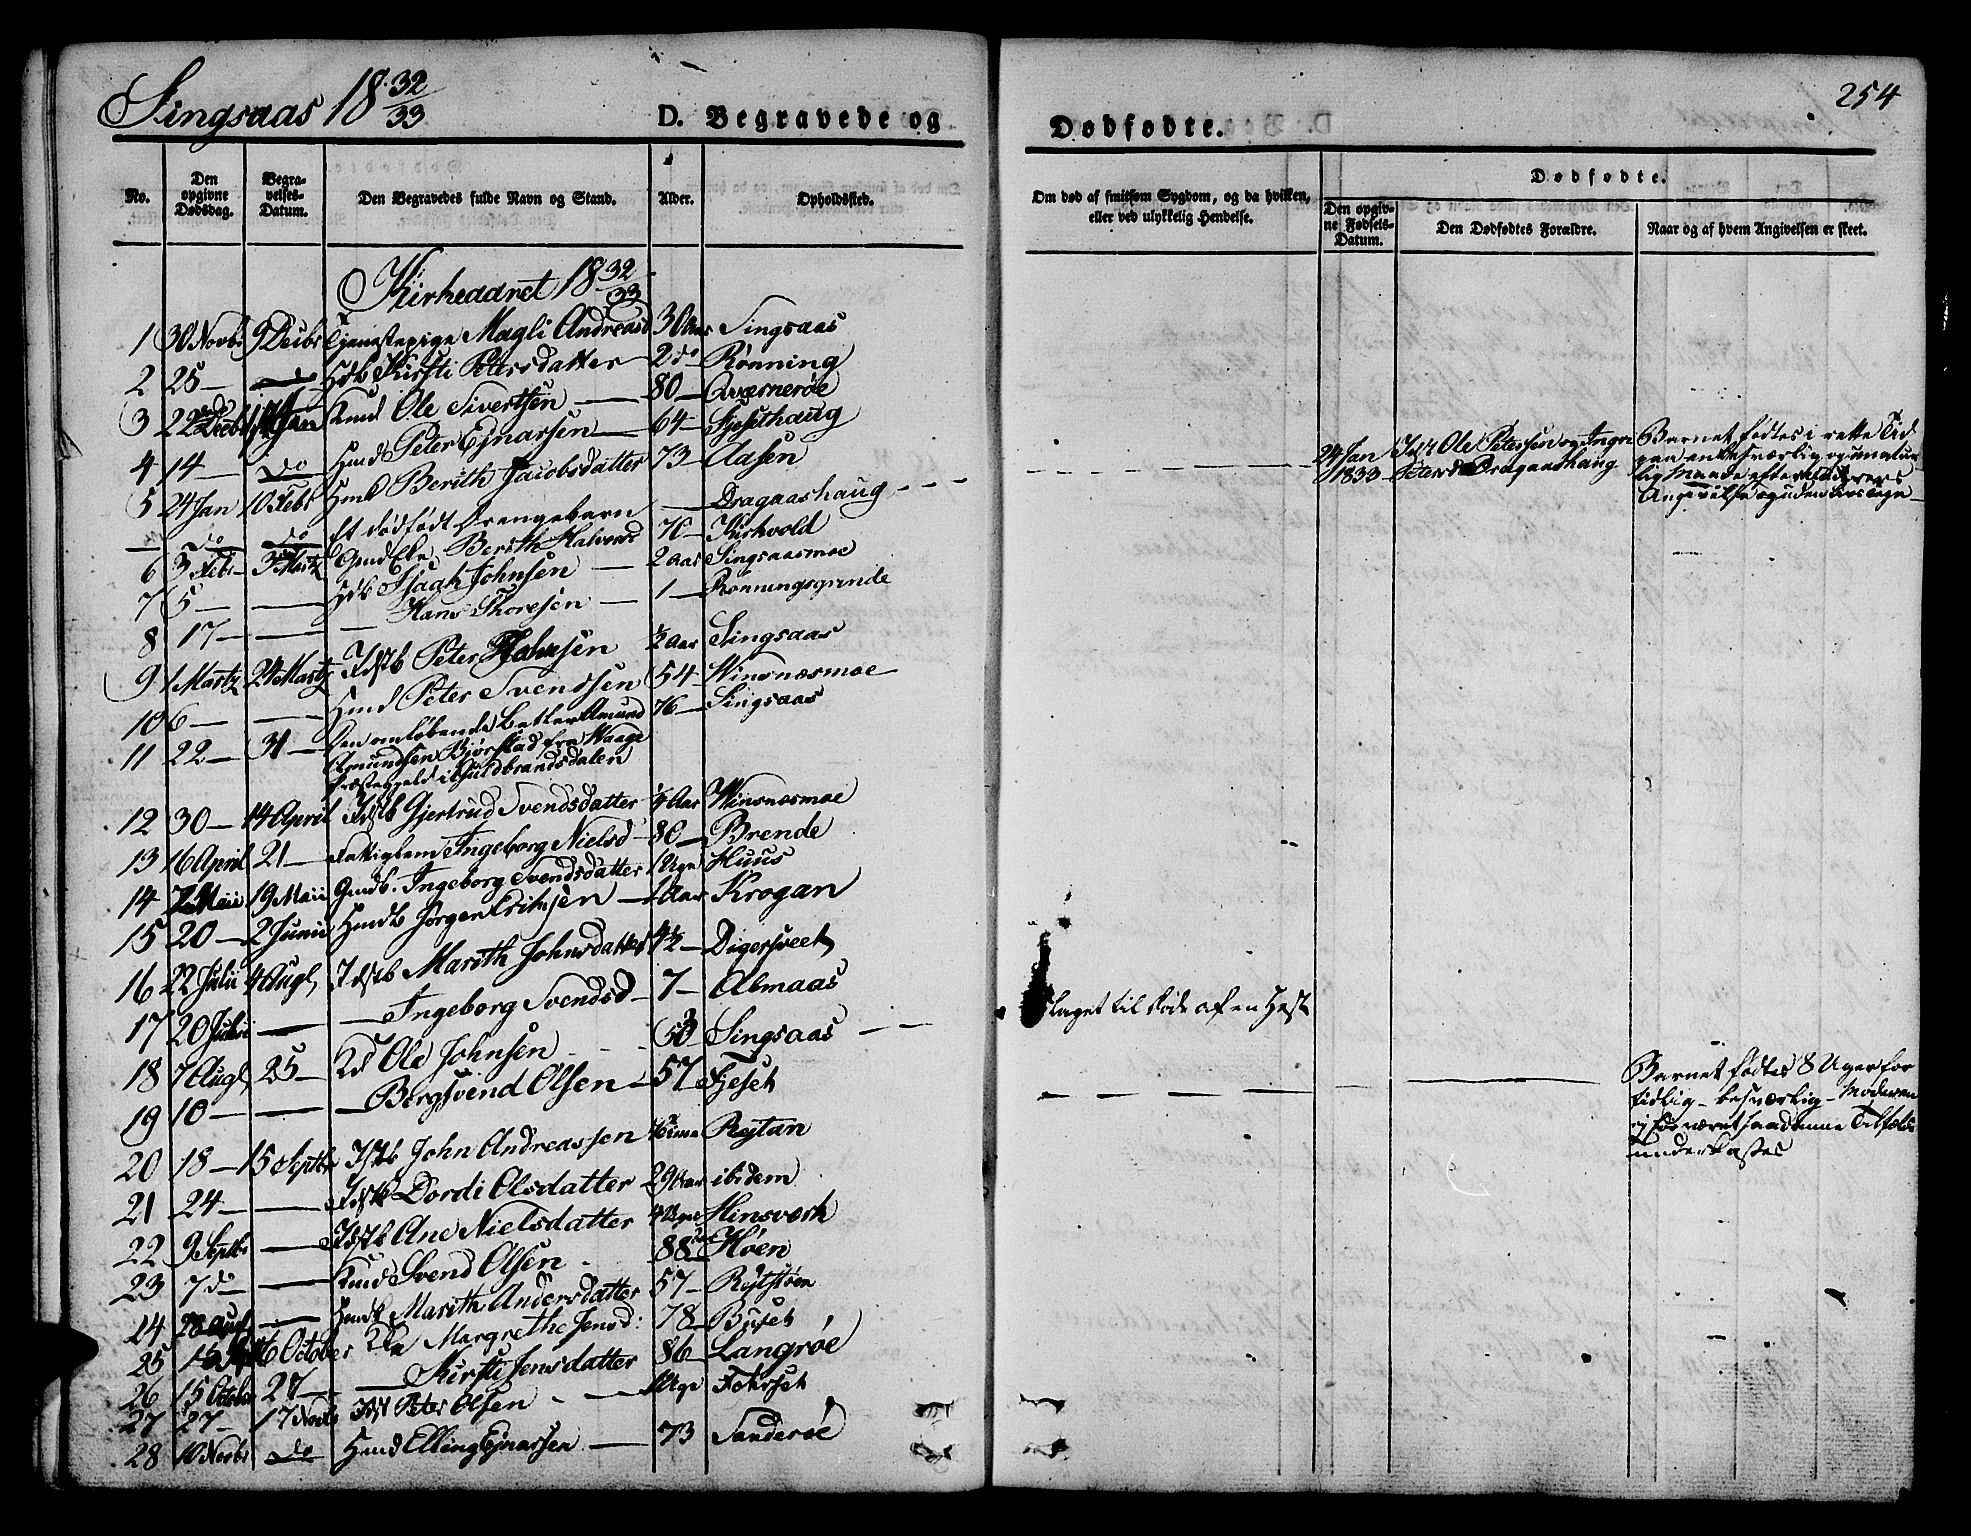 SAT, Ministerialprotokoller, klokkerbøker og fødselsregistre - Sør-Trøndelag, 685/L0961: Ministerialbok nr. 685A05 /2, 1829-1845, s. 254